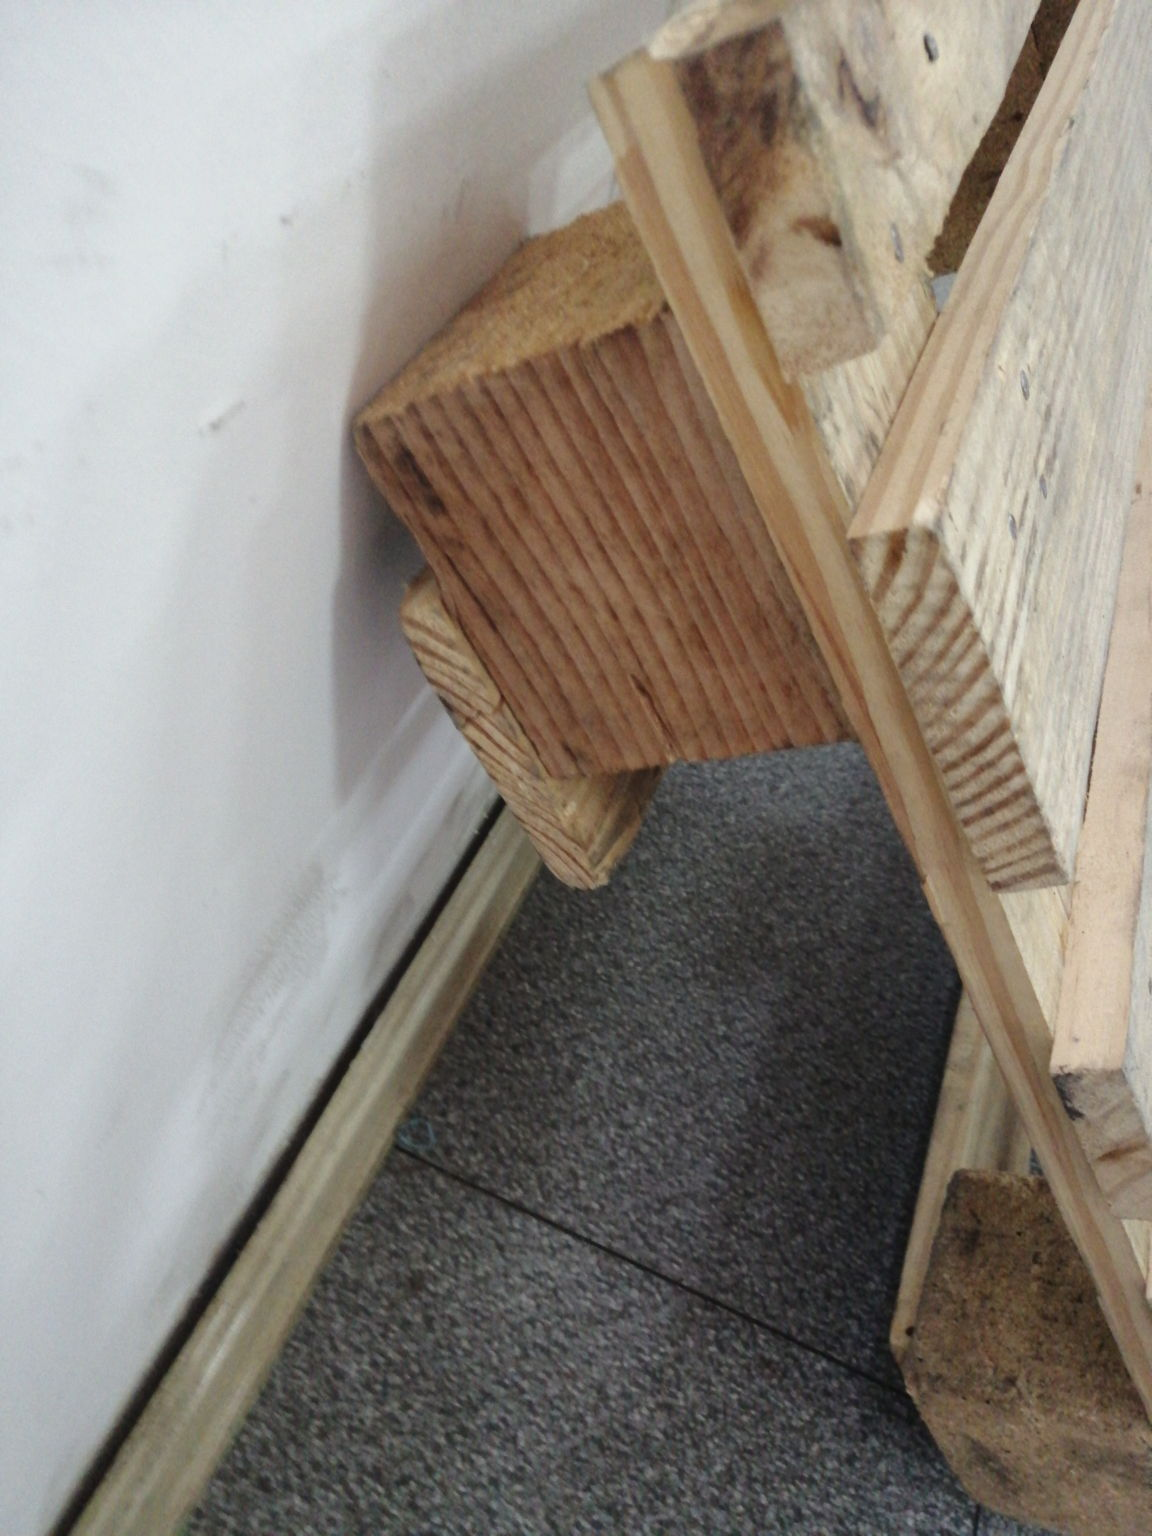 镇江本地胶合板木托盘生产厂家长庚厂长庚装饰工程托盘